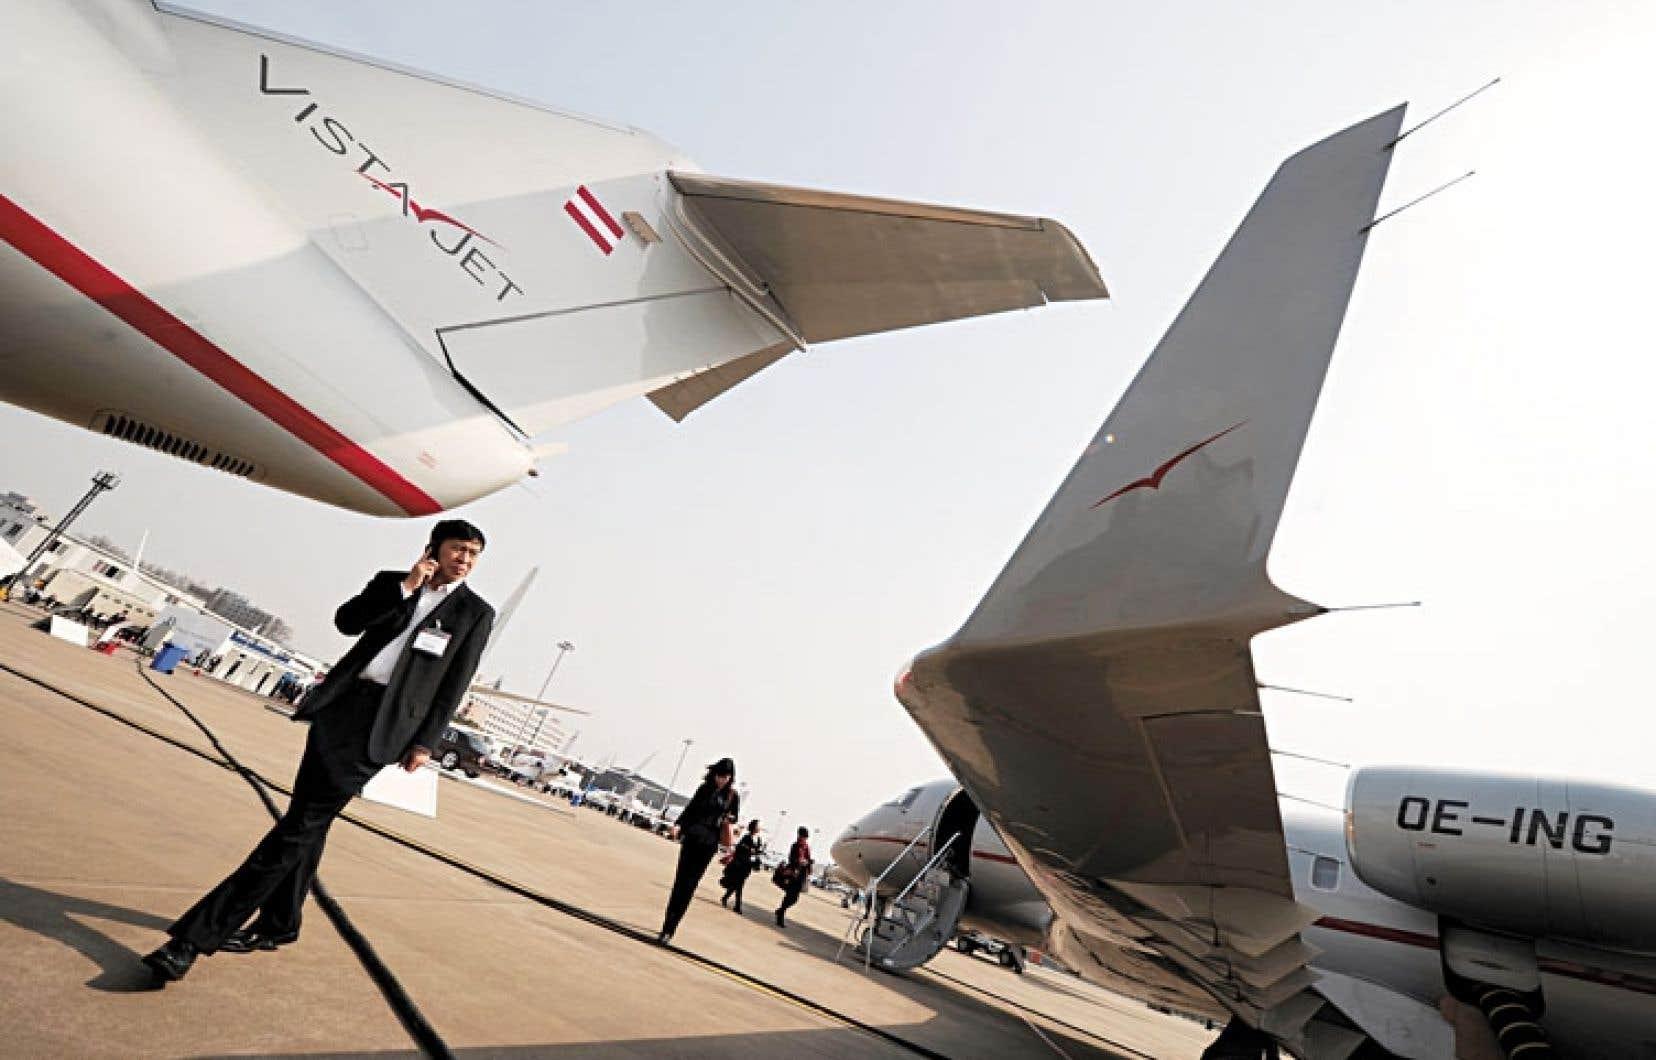 Les avions de VistaJet, une des plus grandes sociétés aériennes de luxe du monde, apparaissent ci-dessus en démonstration à un salon aéronautique chinois. L'entreprise fondée par le Suisse Thomas Flohr a commandé 20 biréacteurs Challenger 350 d'une valeur de 518 millions.